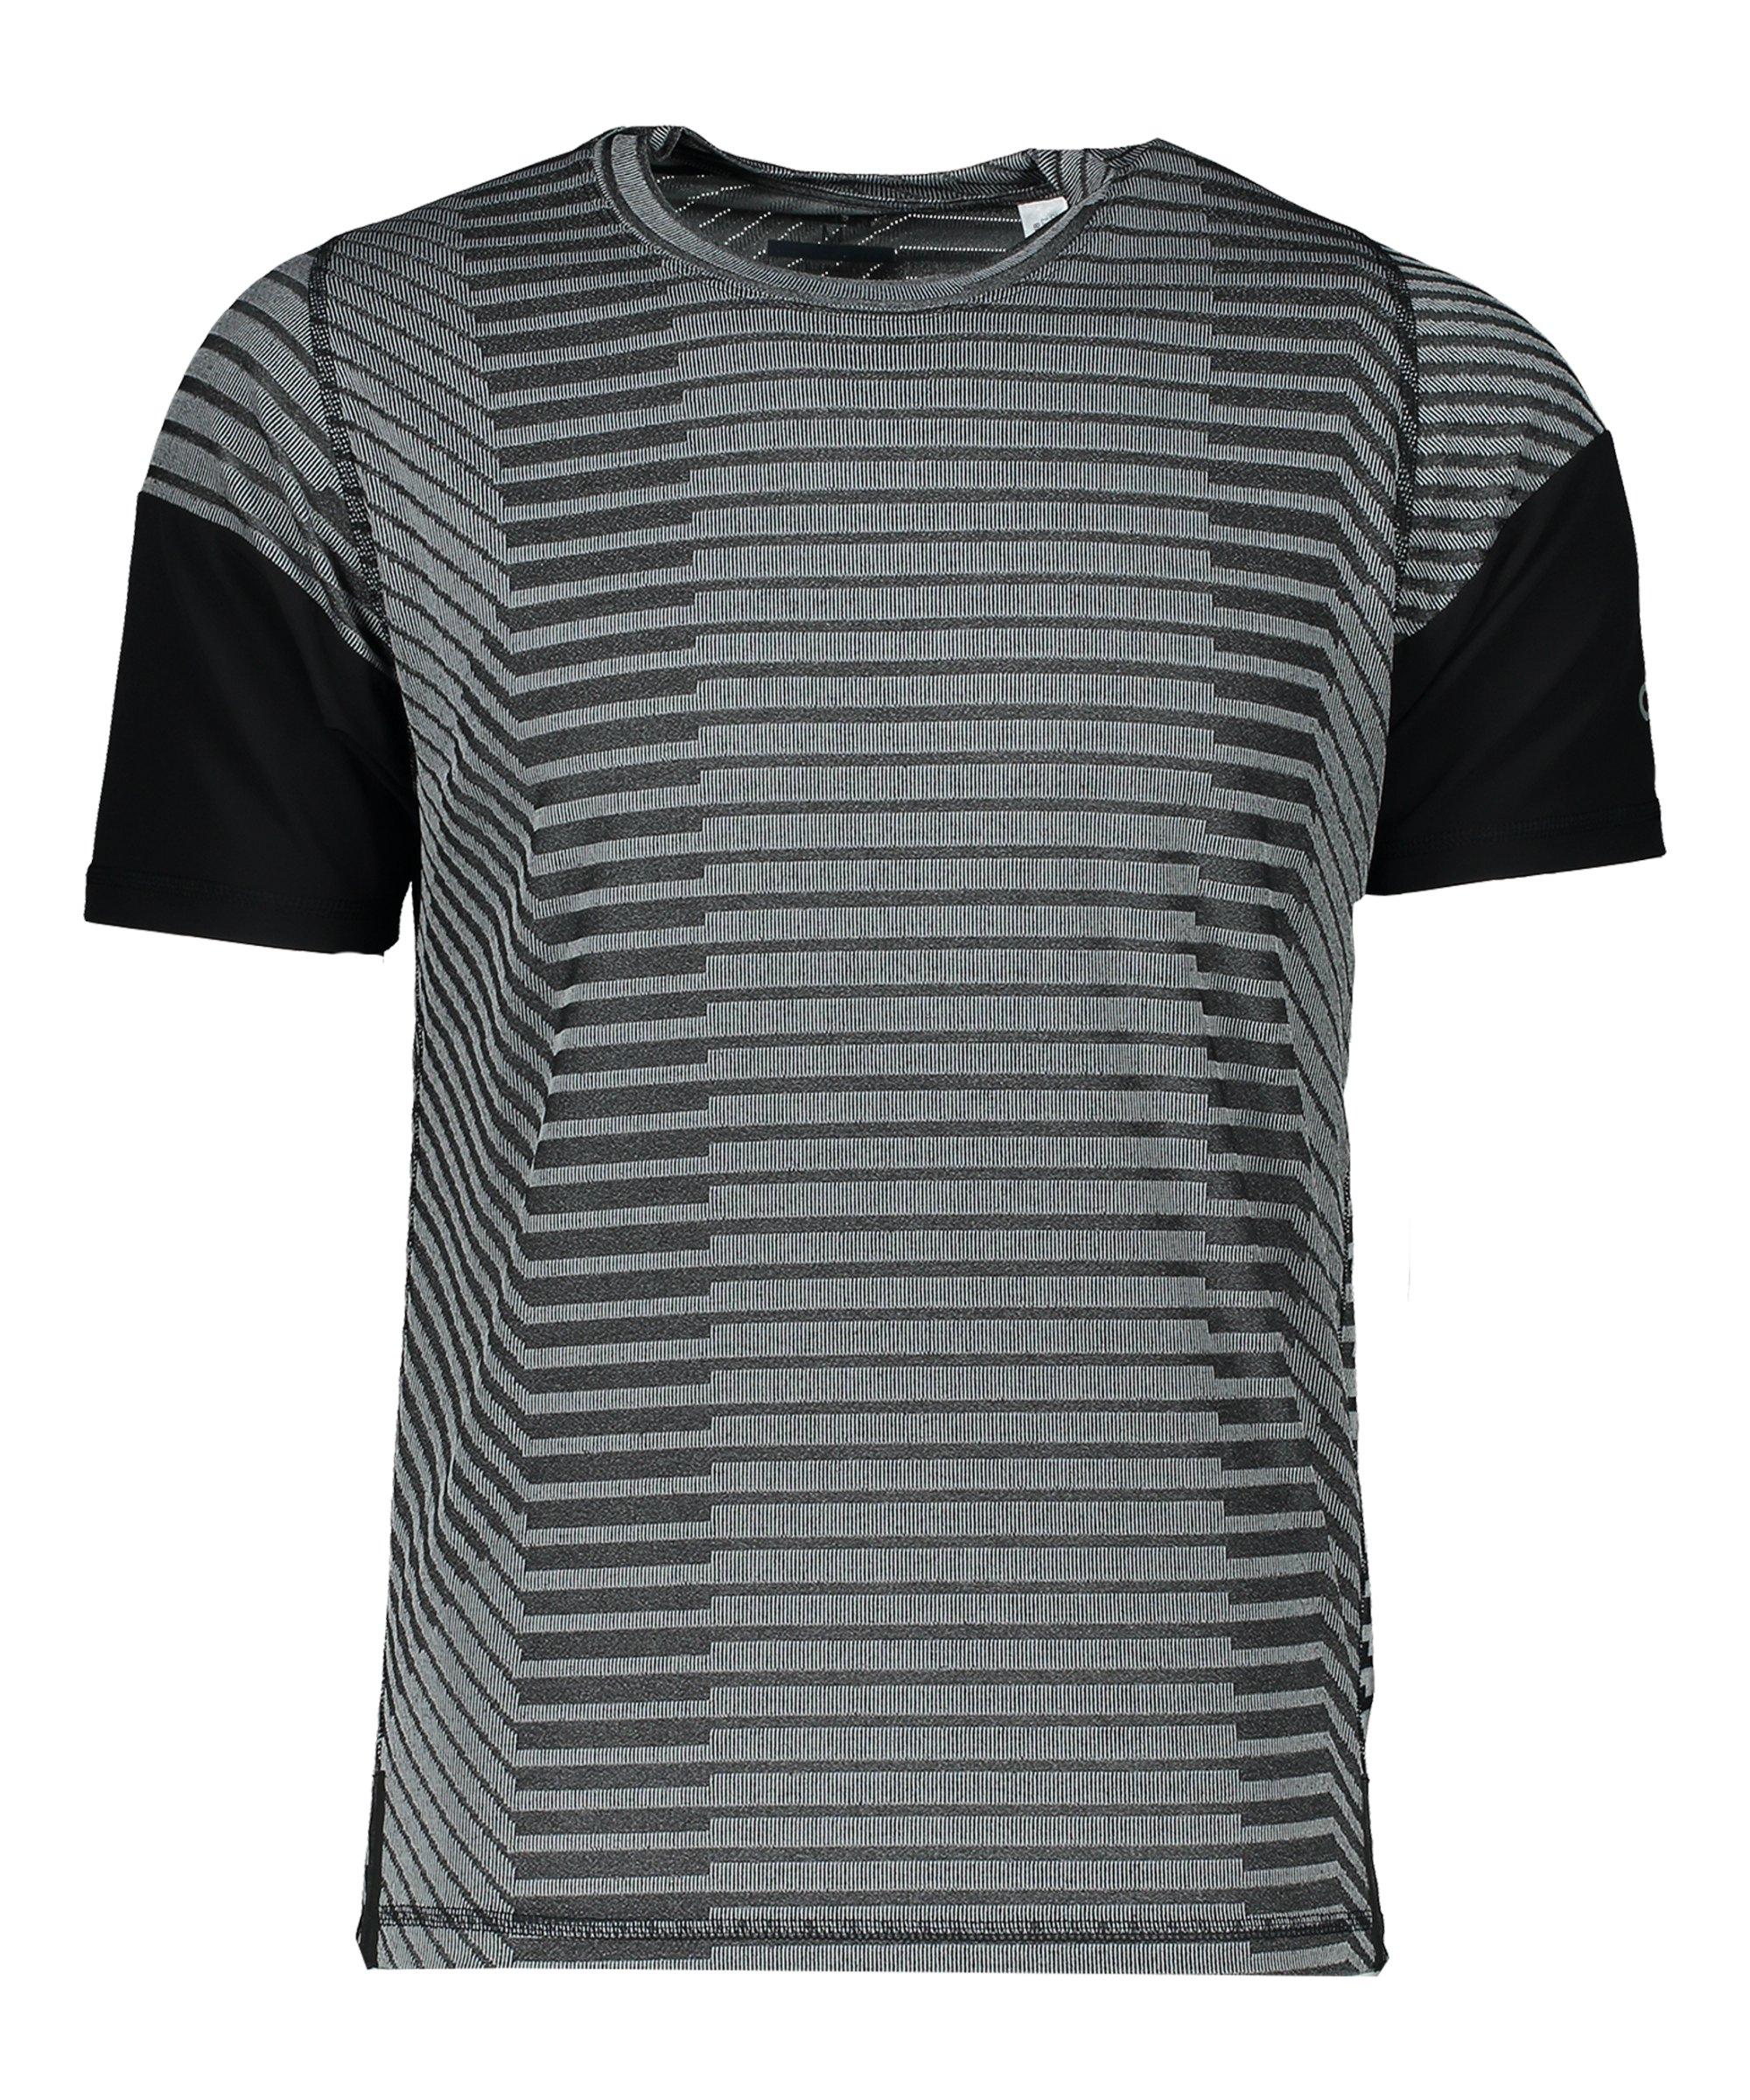 adidas FreeLift 360 Strong Graphic T-Shirt Grau - grau